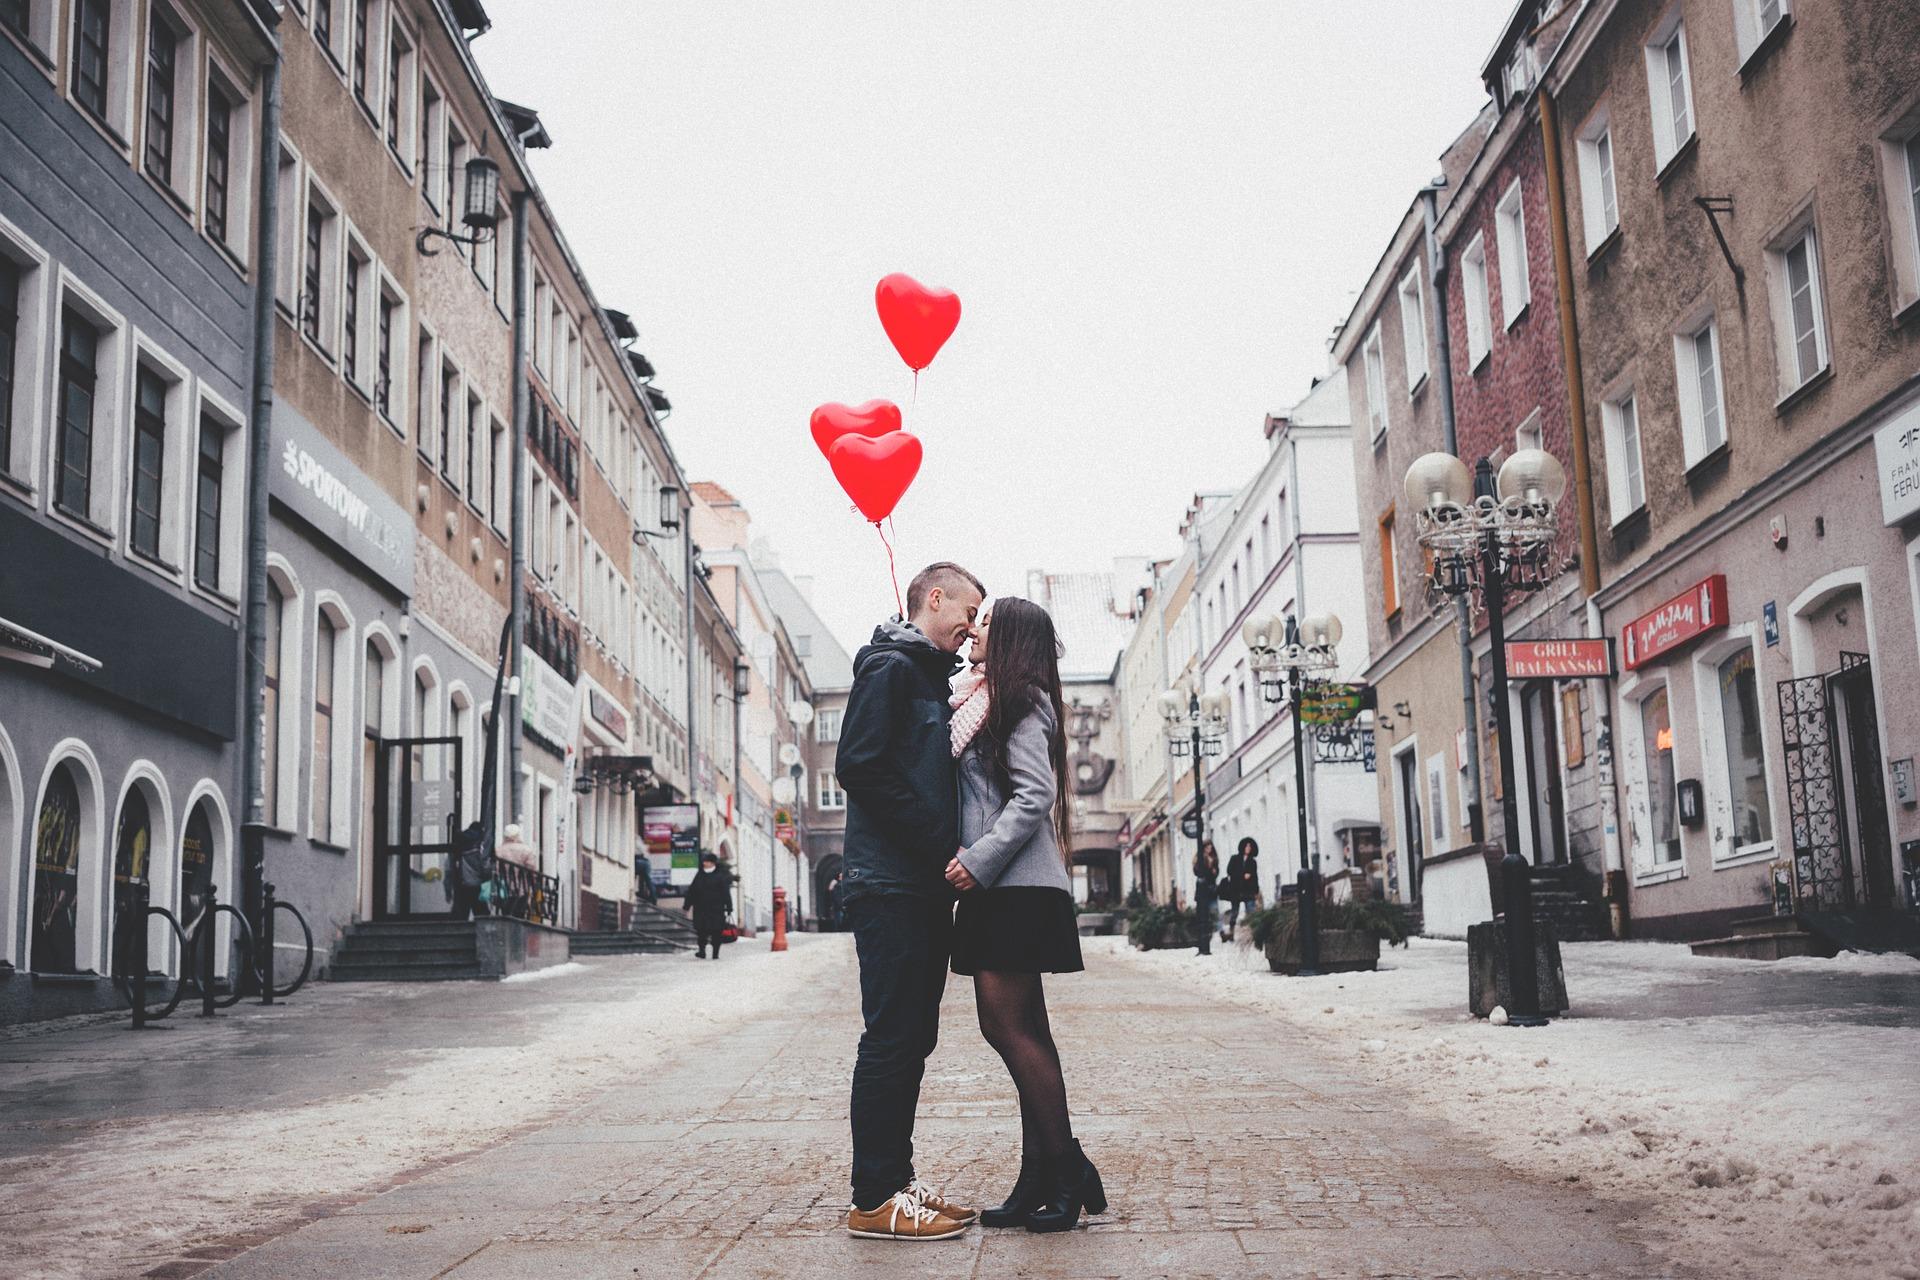 San Valentín y sus ventajas para el e-commerce